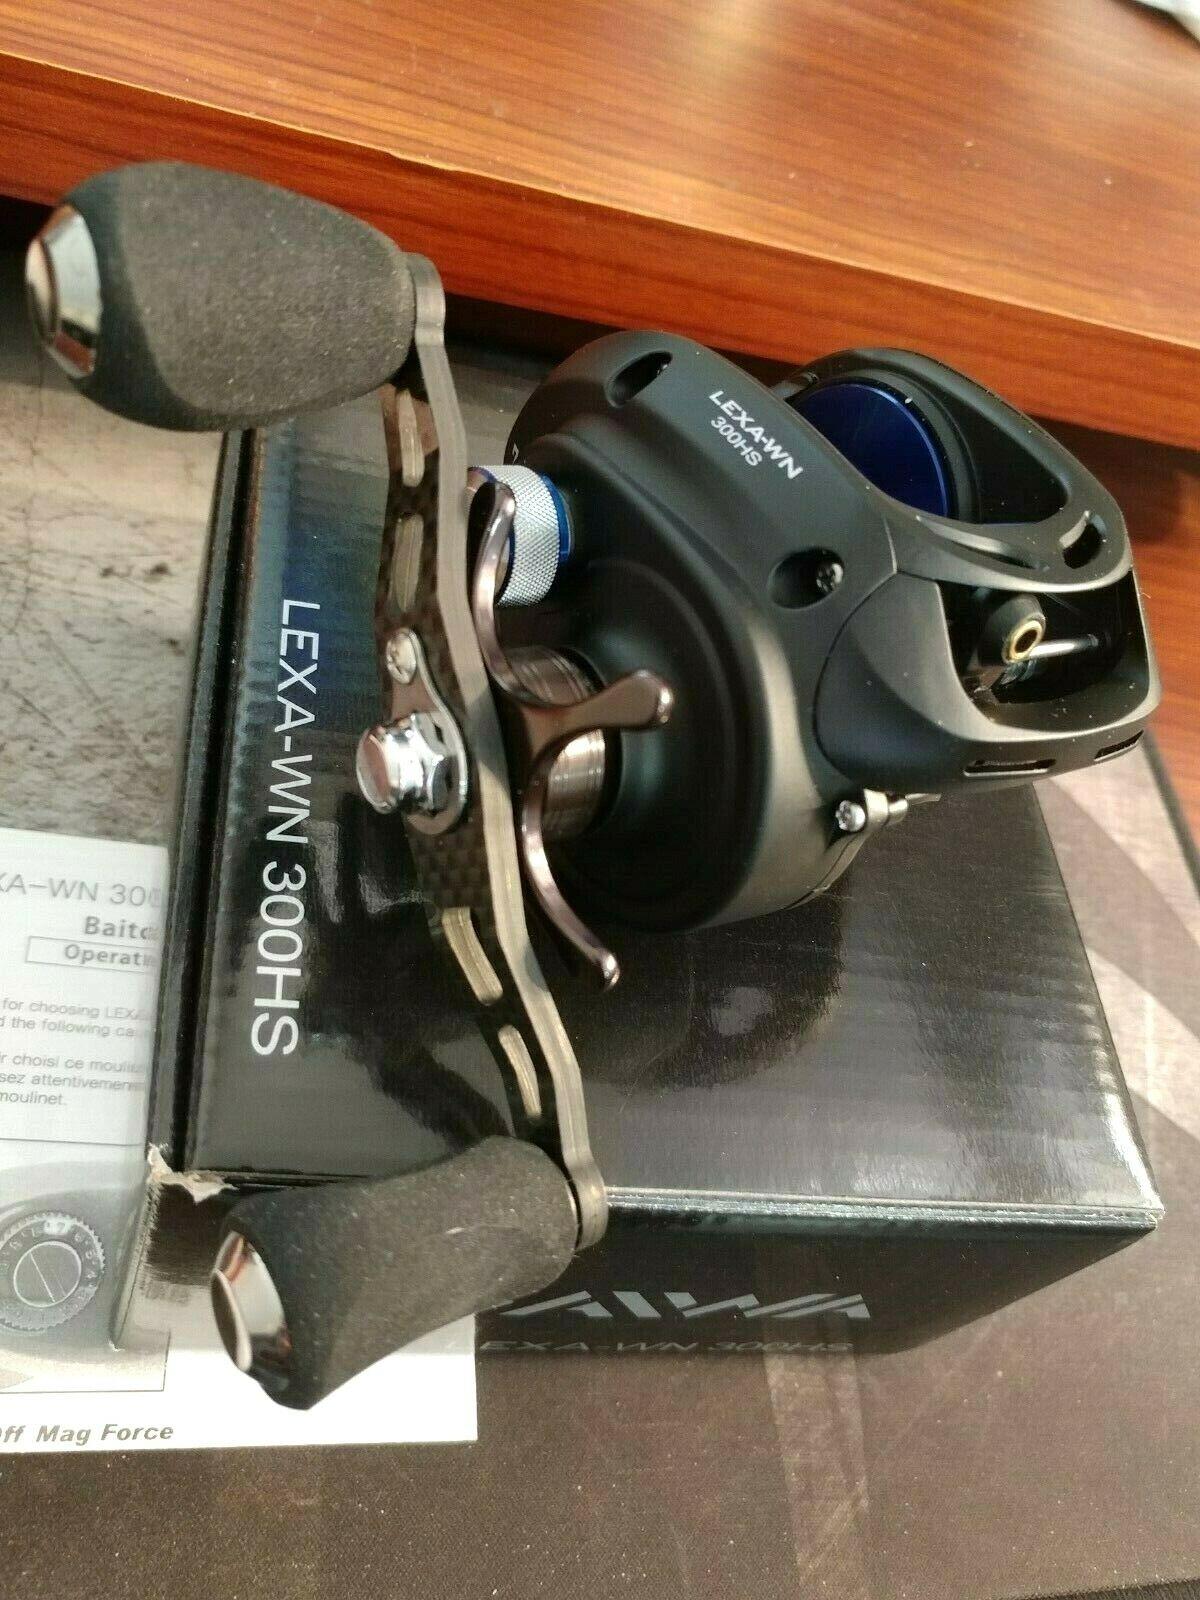 Daiwa LEXA 300 TYPE-WN 7.1:1 Right Hand Baitcast Fishing Ree